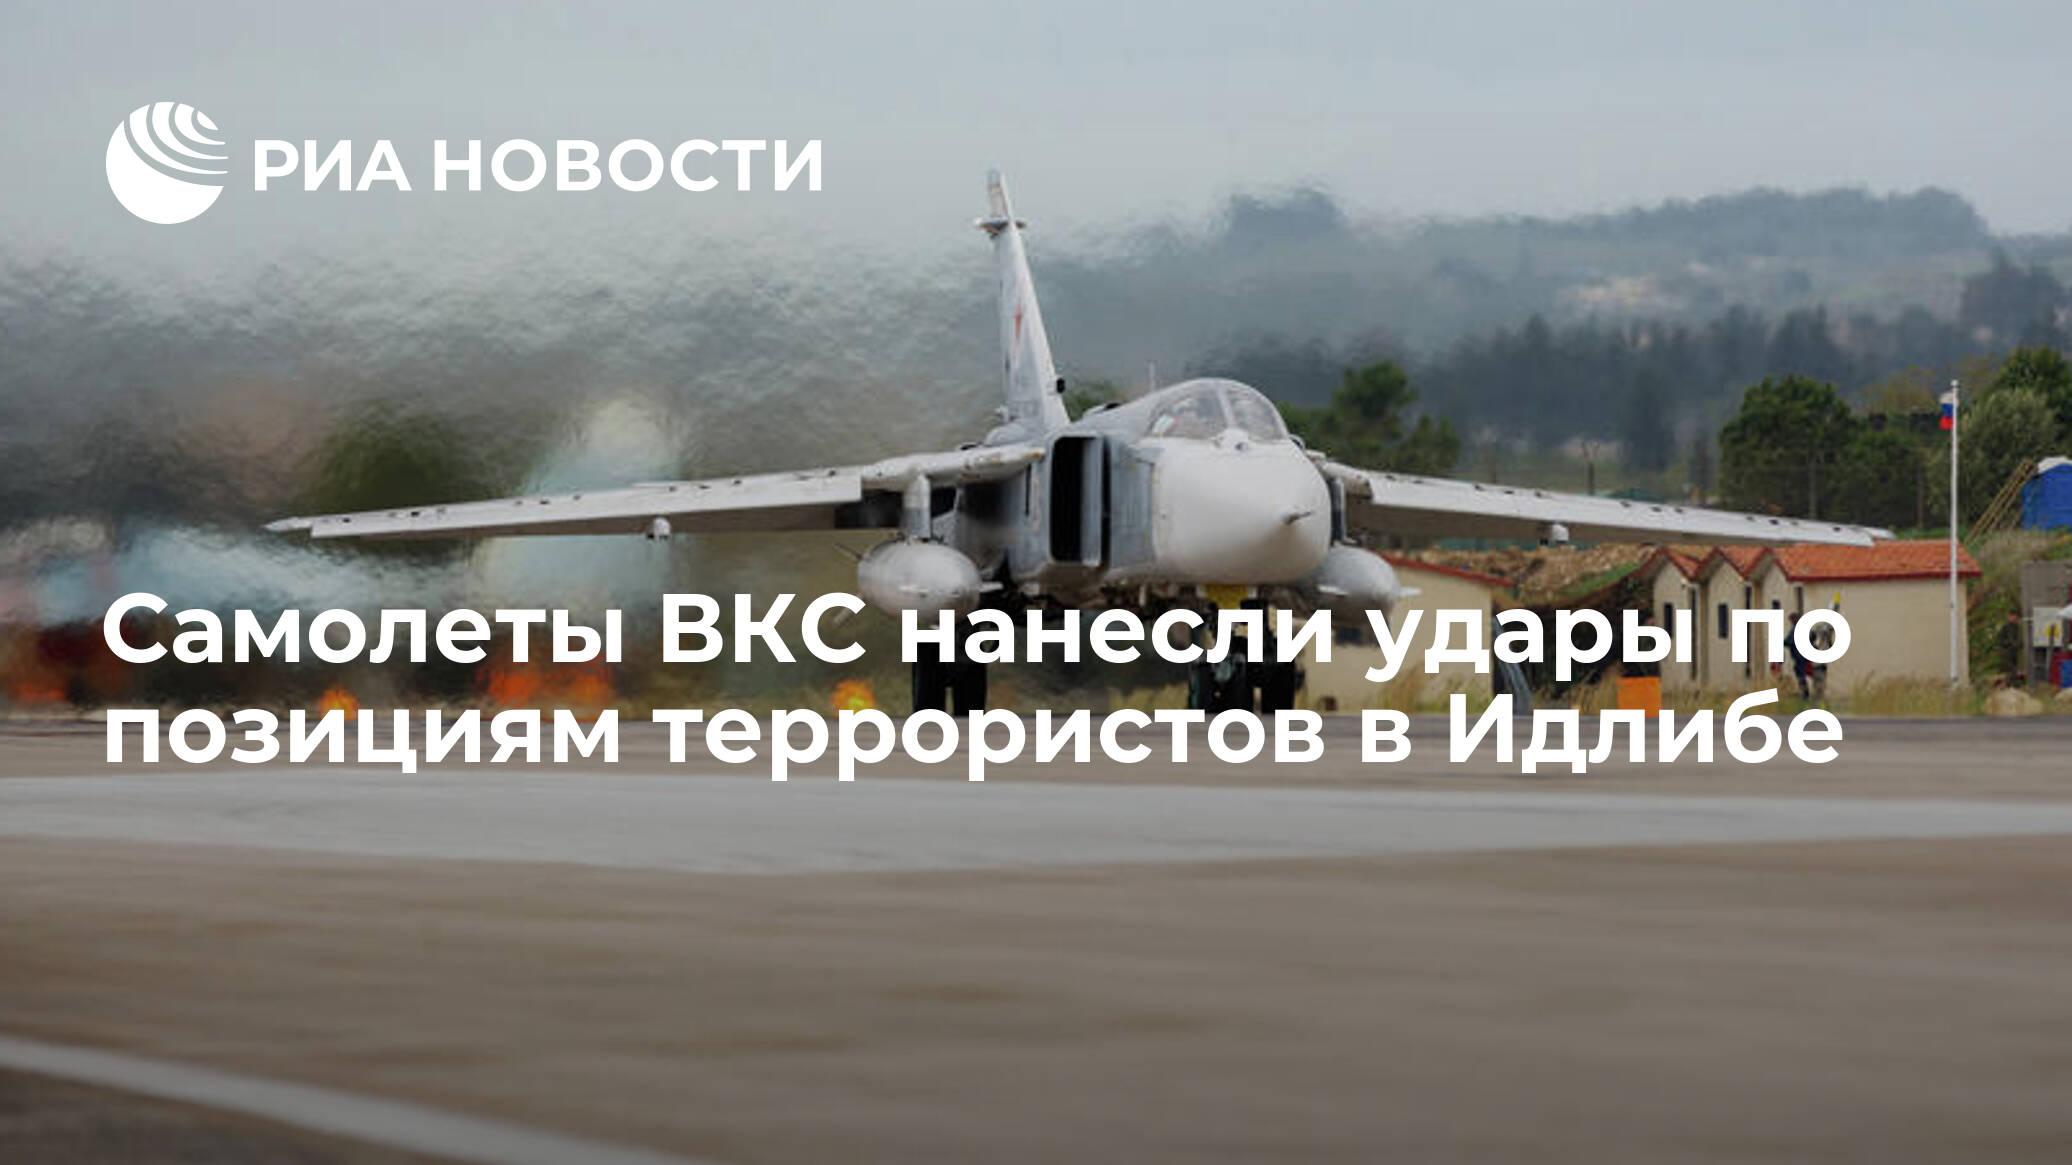 Самолеты ВКС нанесли удары по позициям террористов в Идлибе